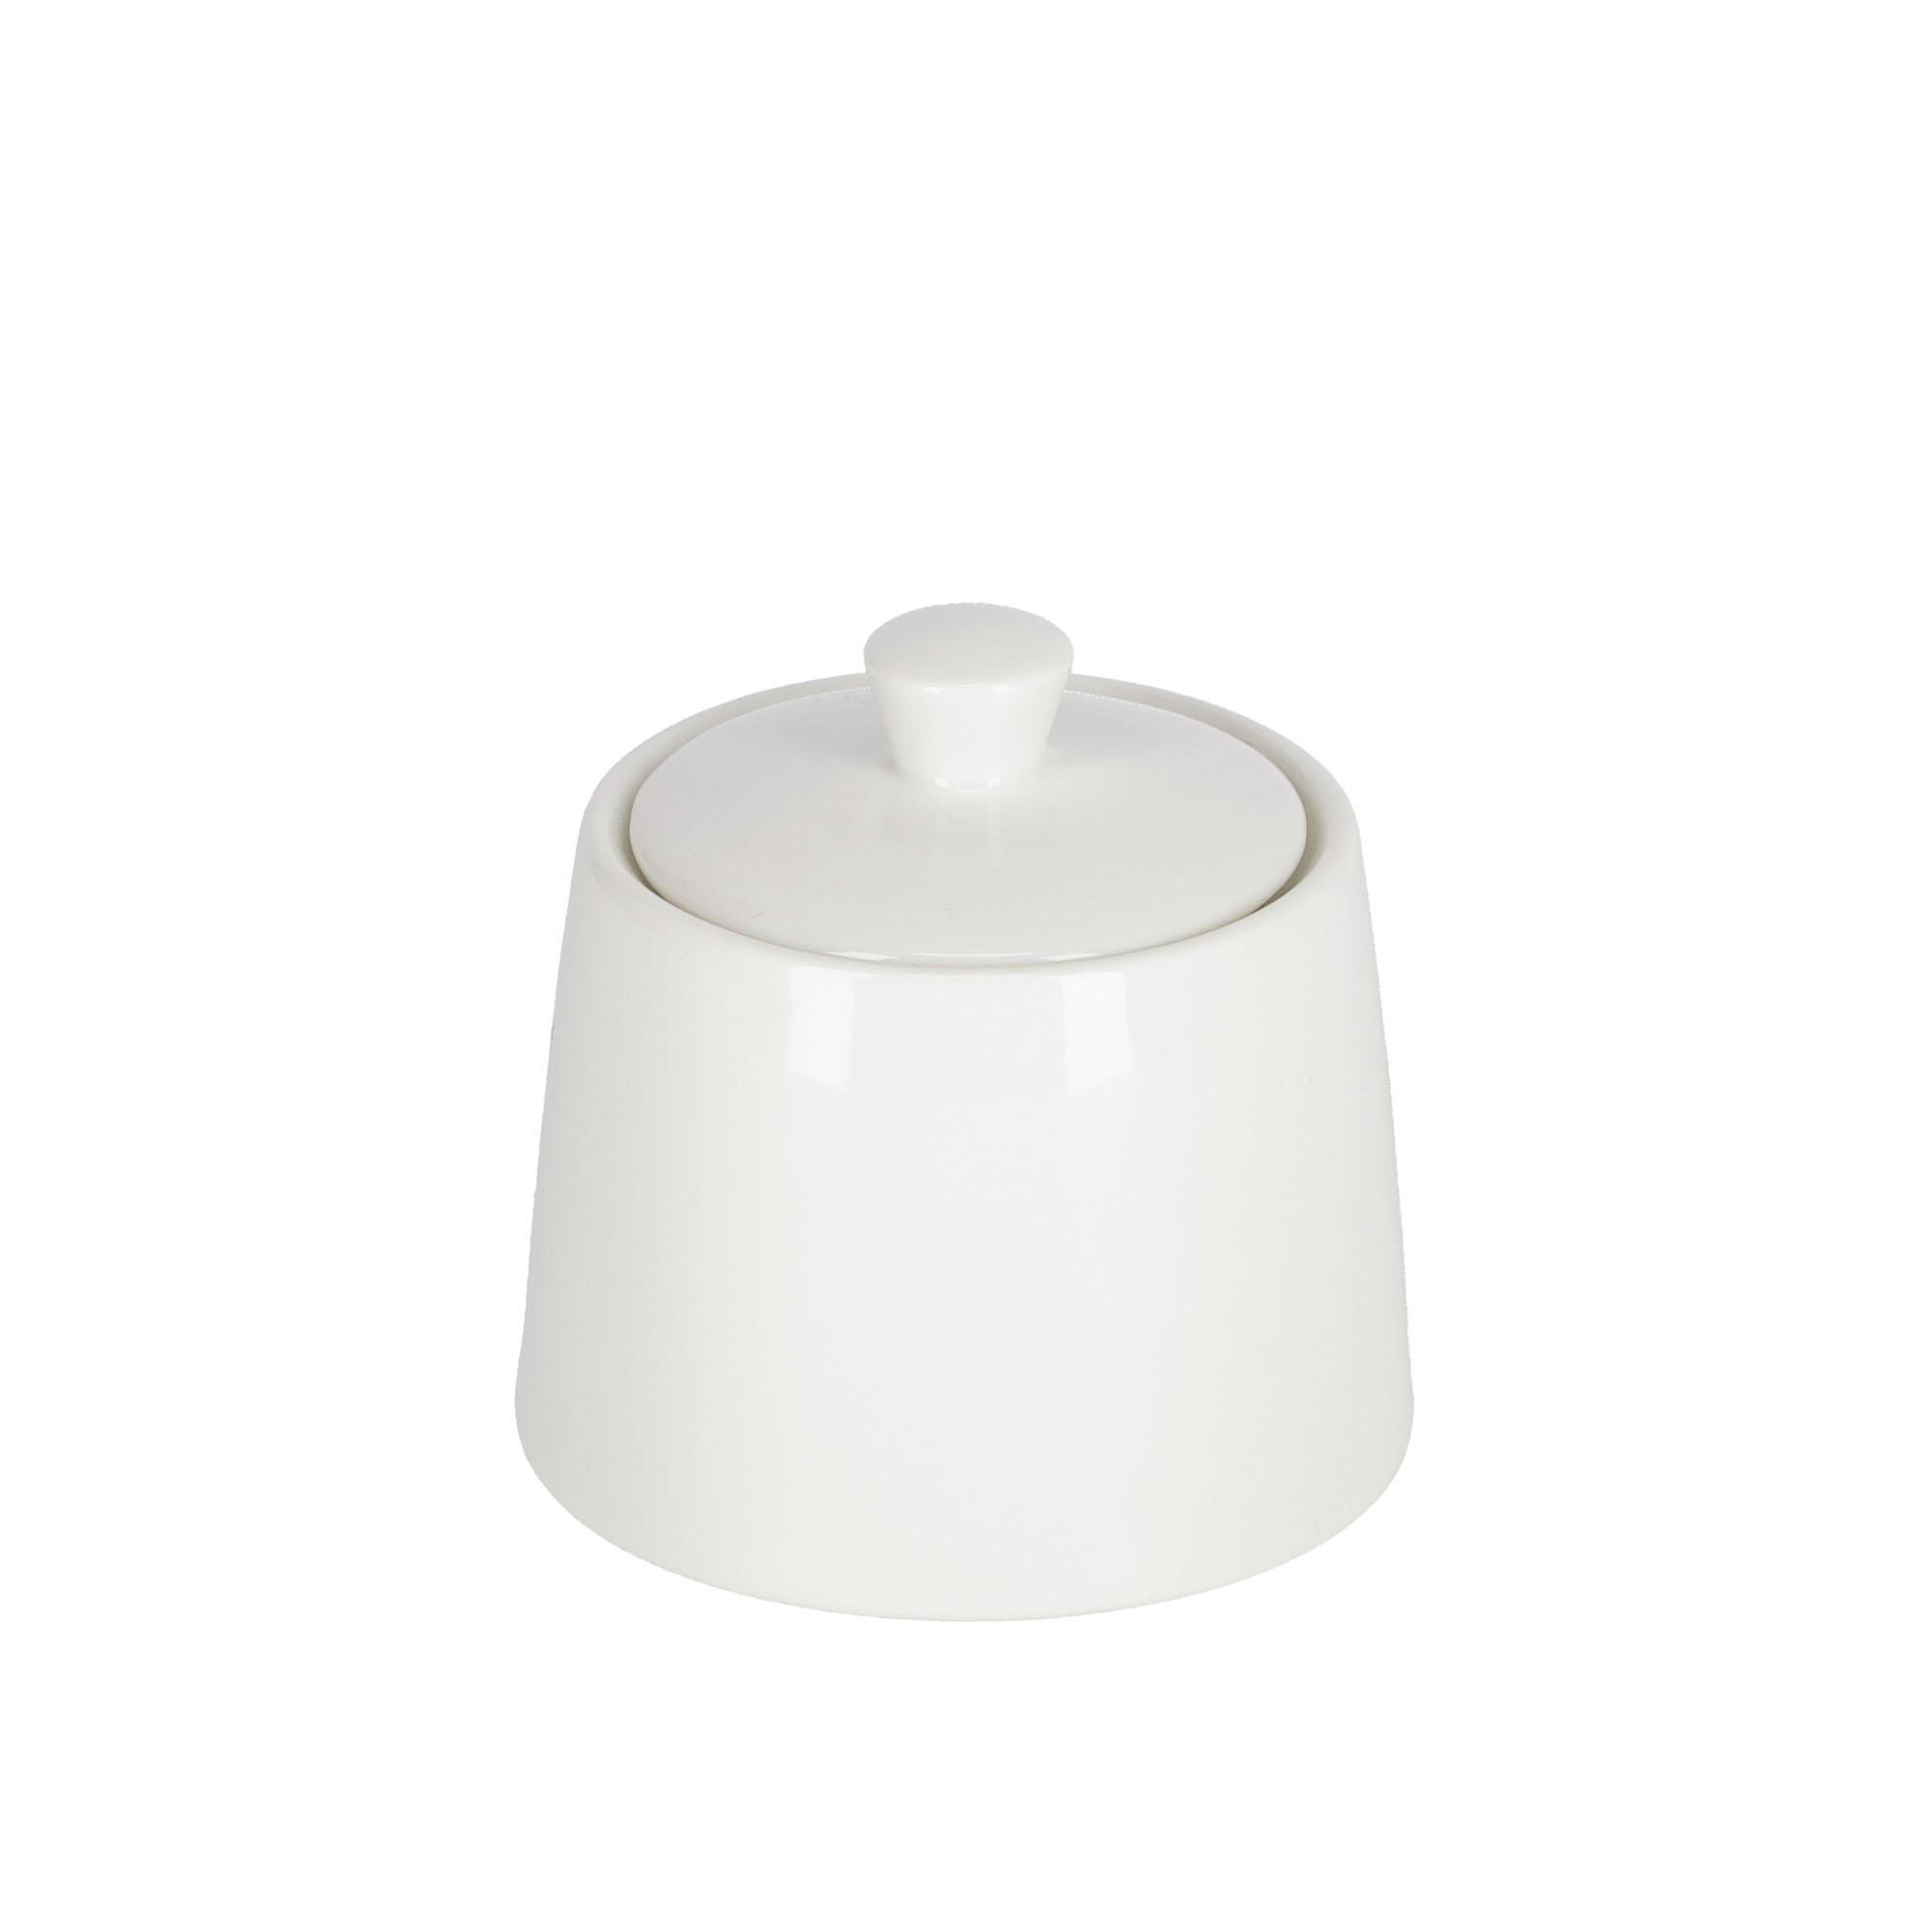 Kave home - pot à sucre pierina porcelaine blanc